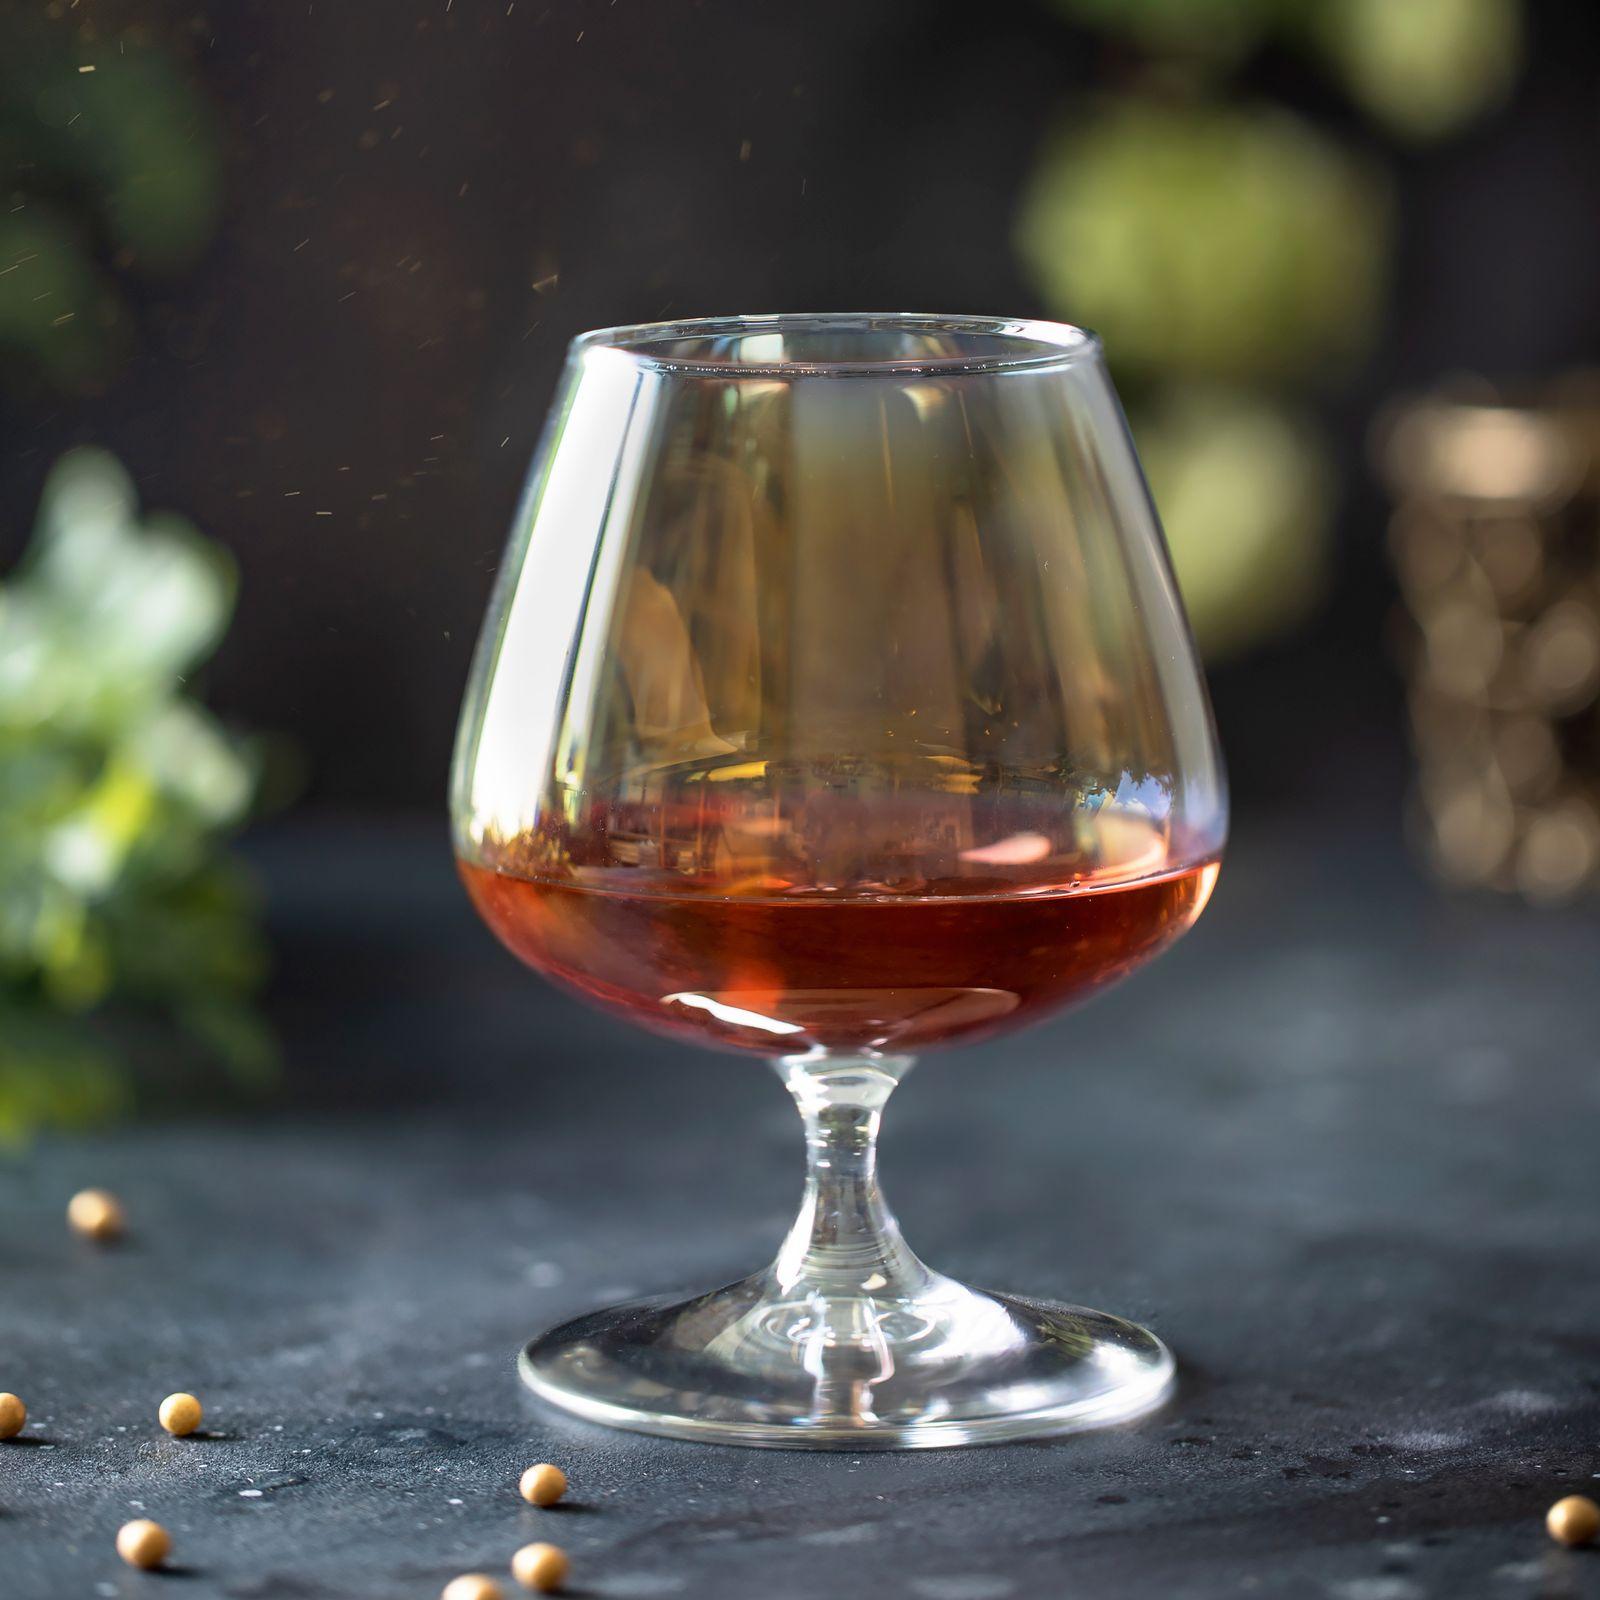 Set of 2 cognac glasses Celeste Golden Chameleon 410 ml LUMINARC